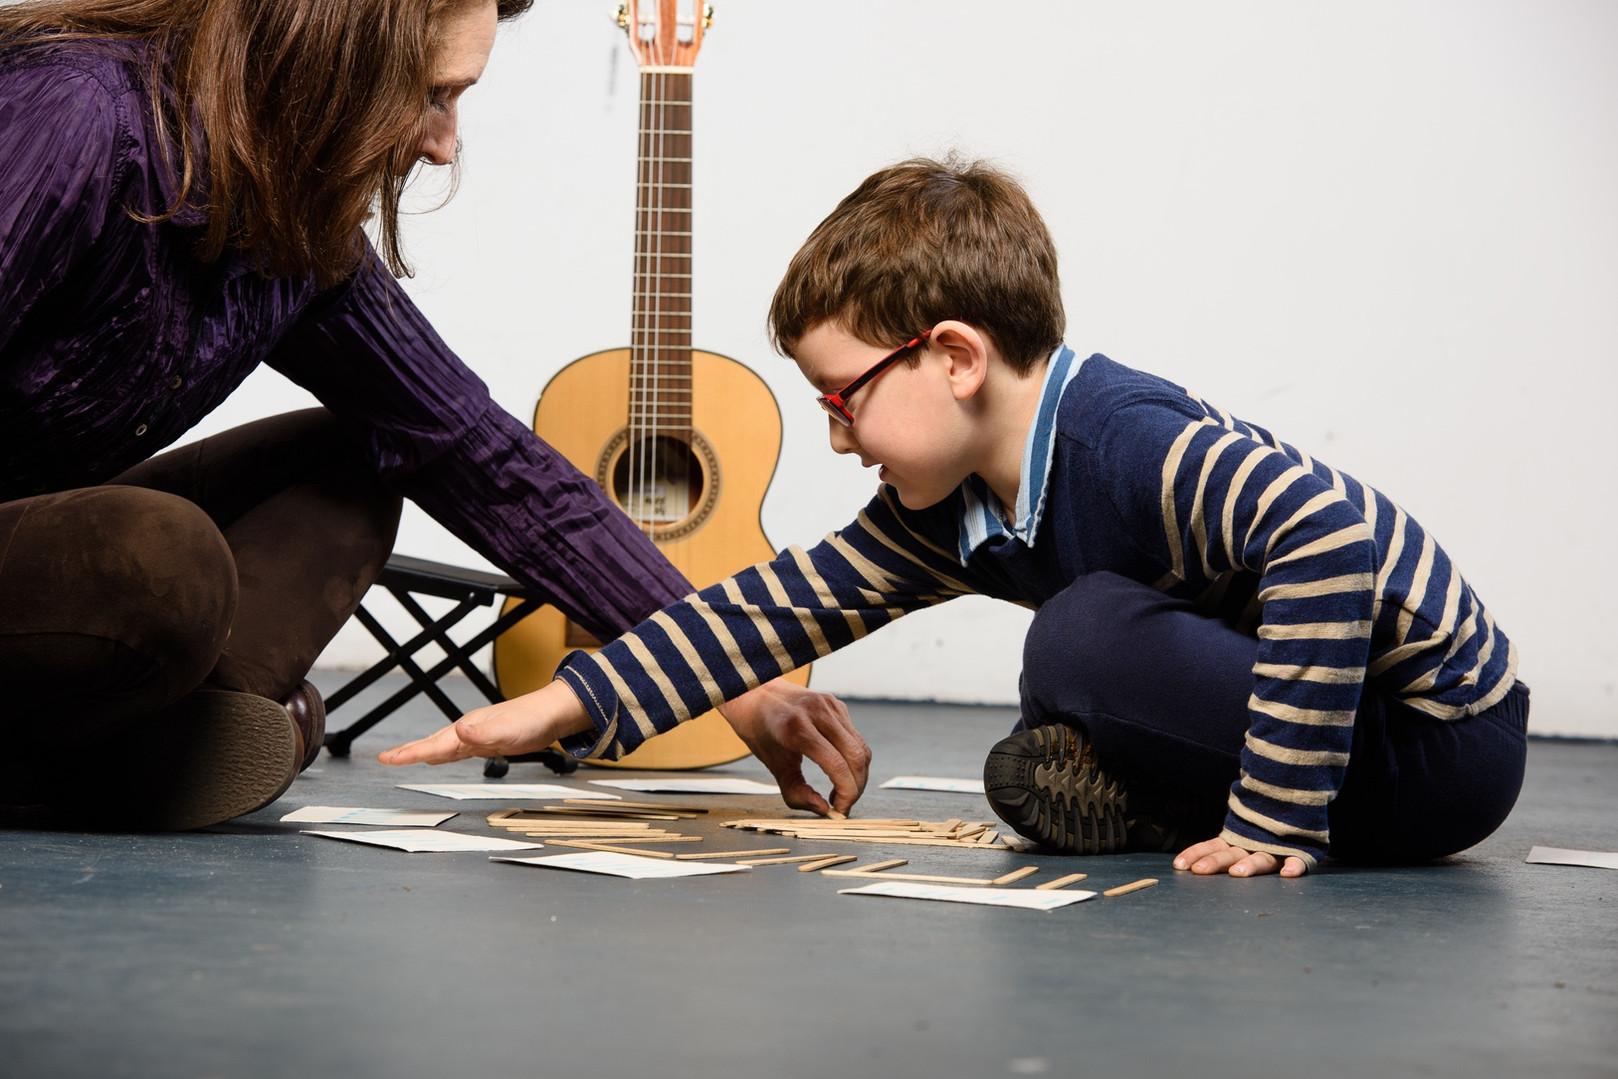 Analisa Guitar Lessons-0332.jpg